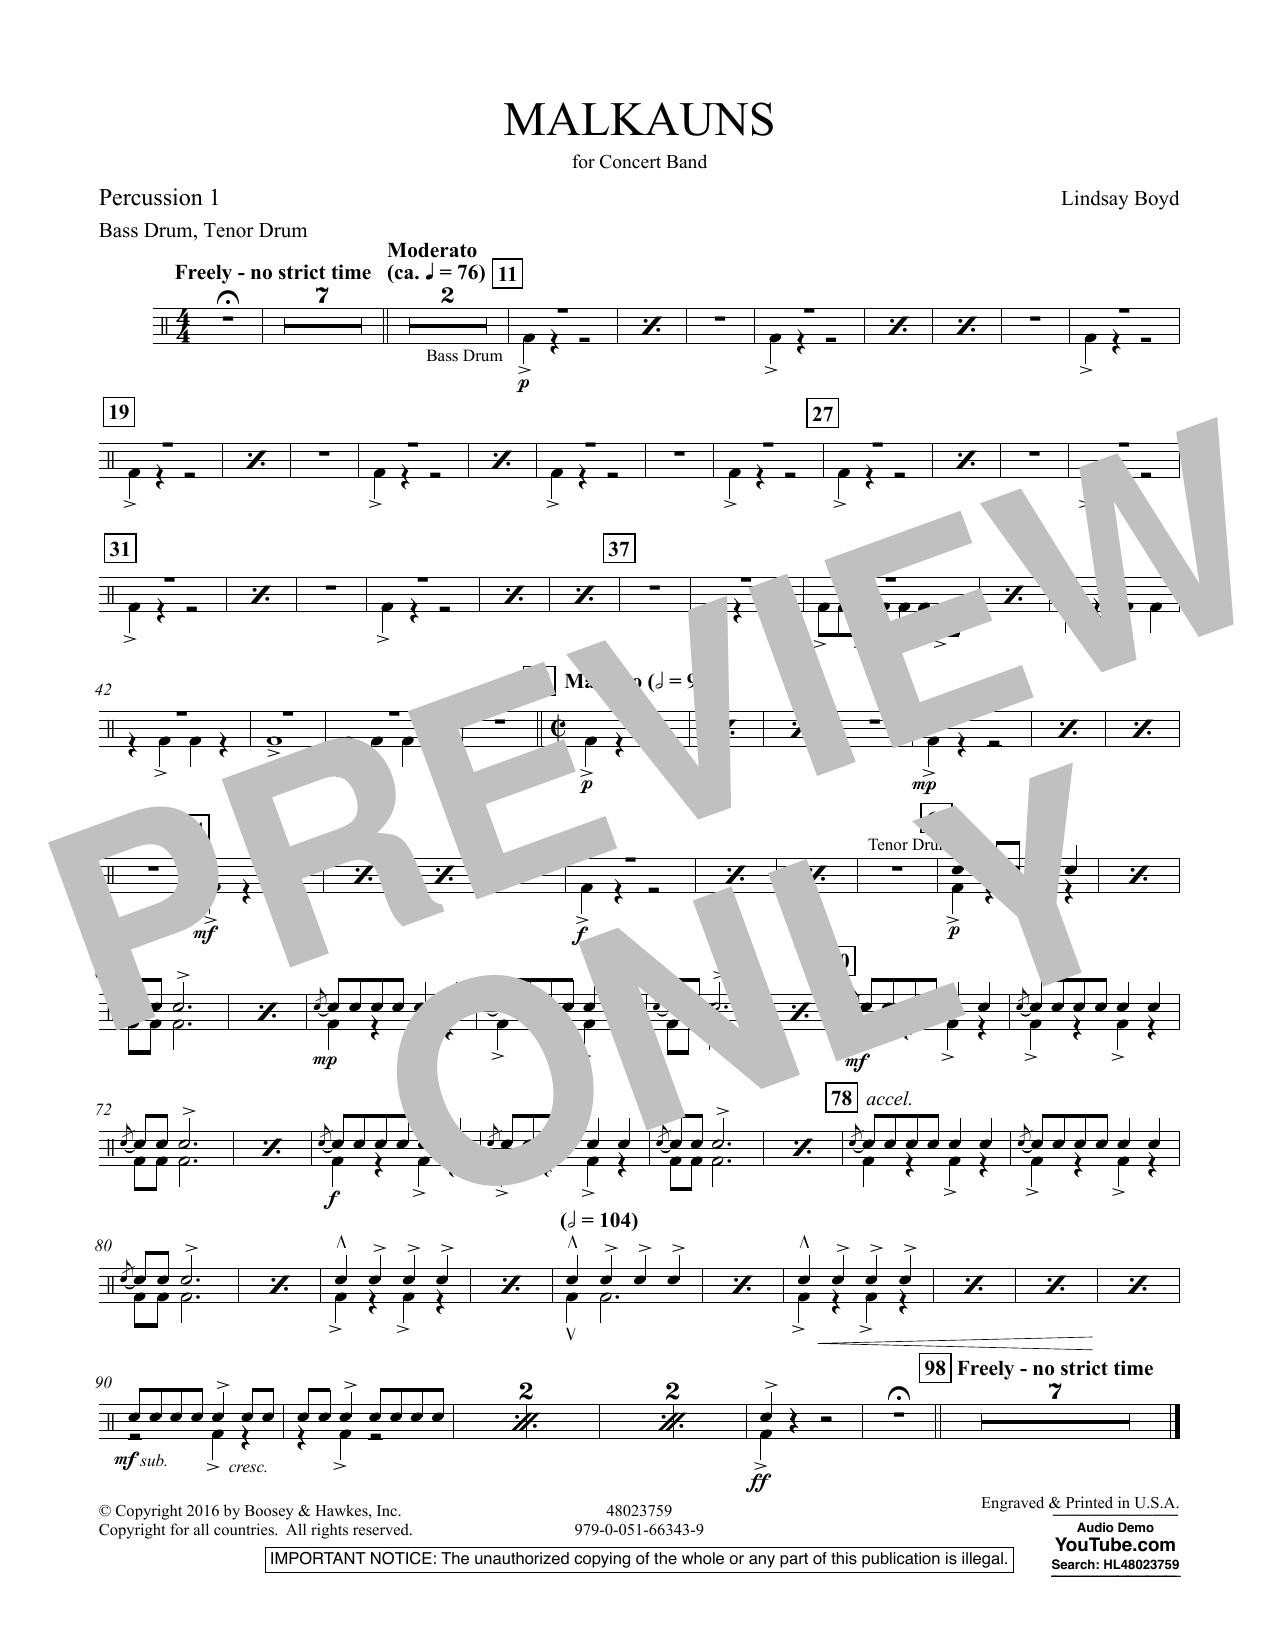 Malkauns - Percussion 1 Sheet Music